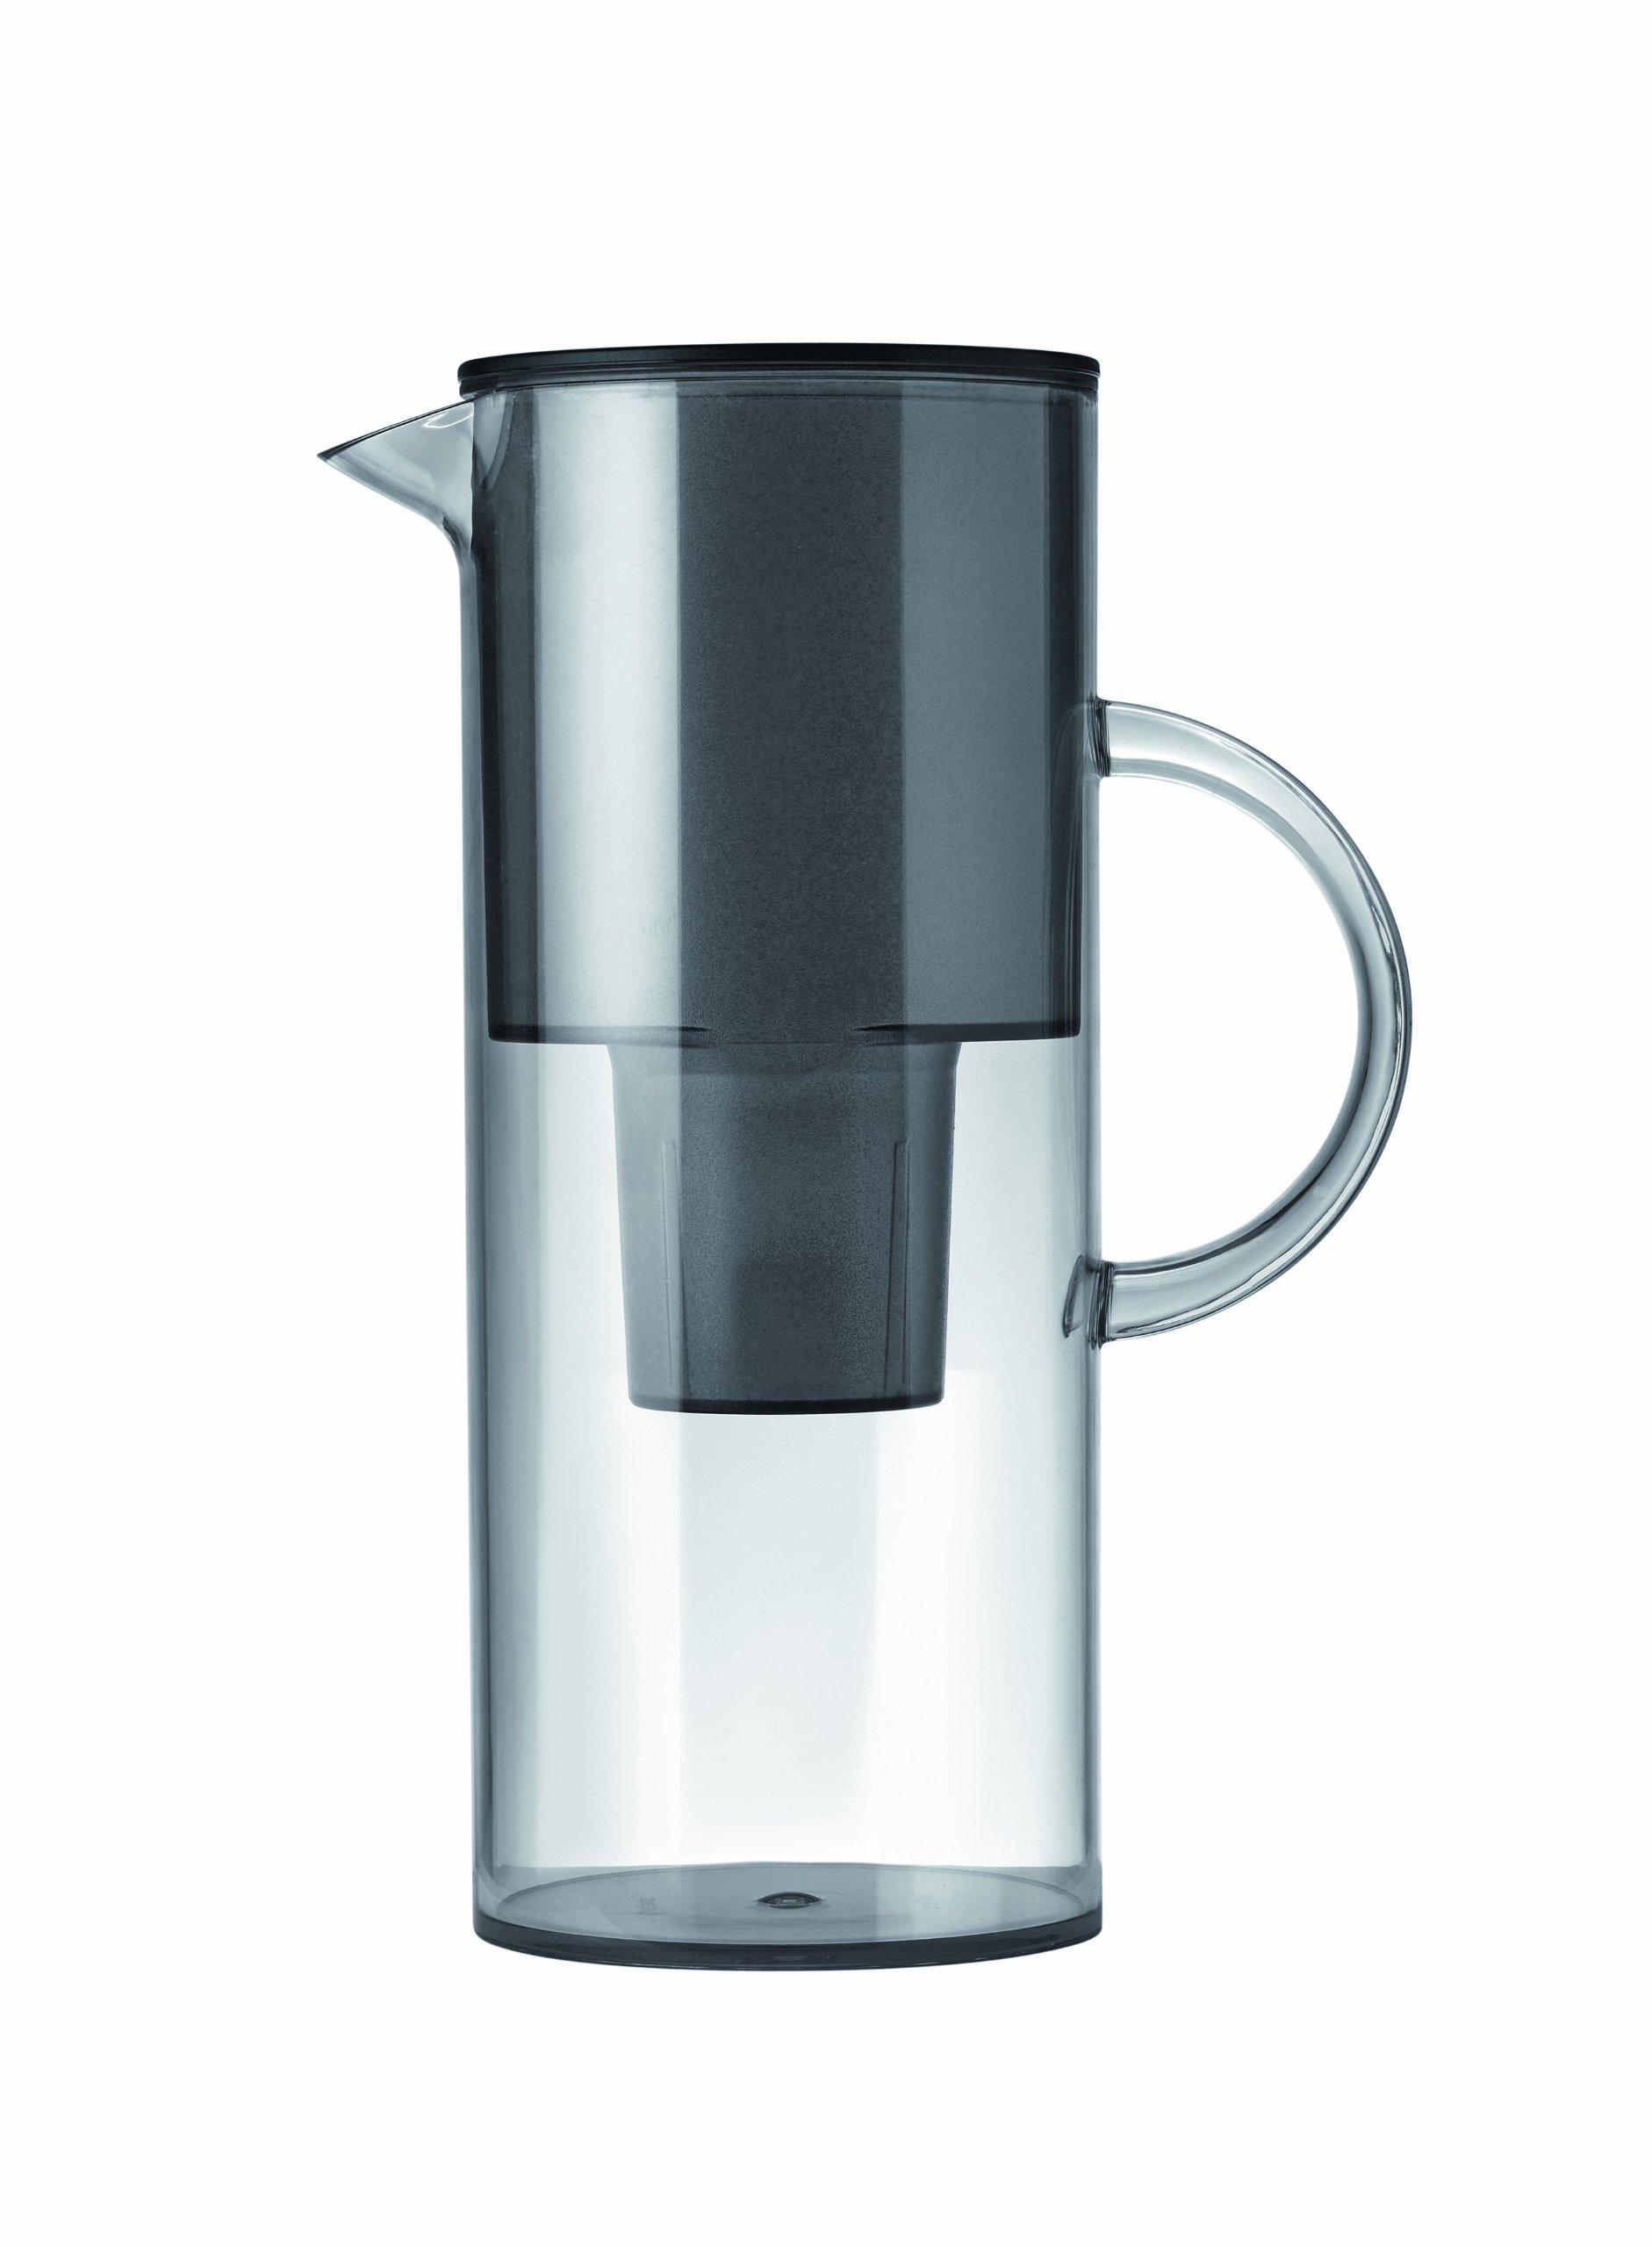 Stelton Jug, transparent with water filter – Smoke , 50.7 oz , 1.5 l